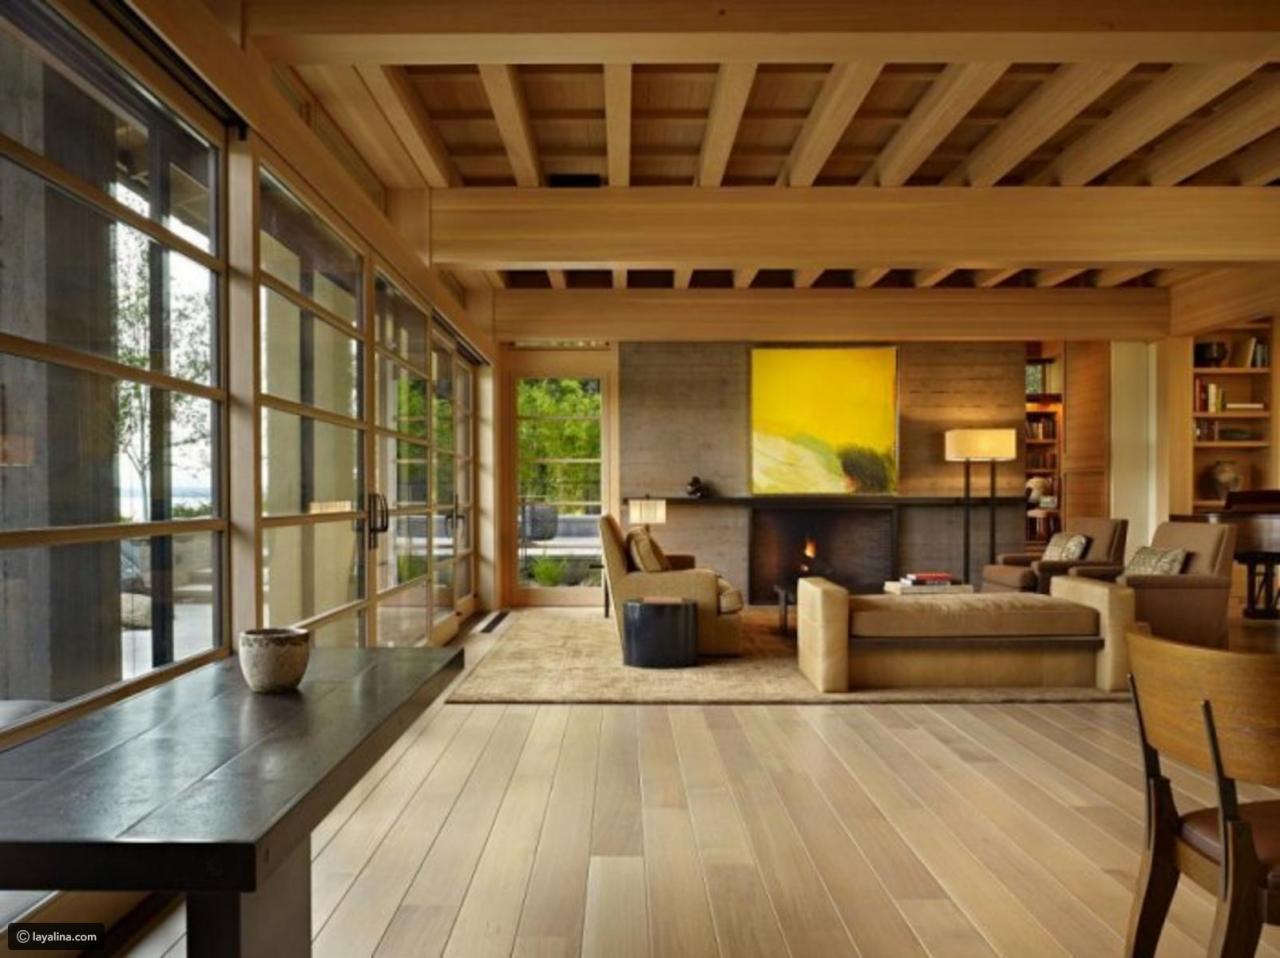 بالصور ديكورات خشبية للجدران , افضل الصور للجدران الخشبية 4472 8